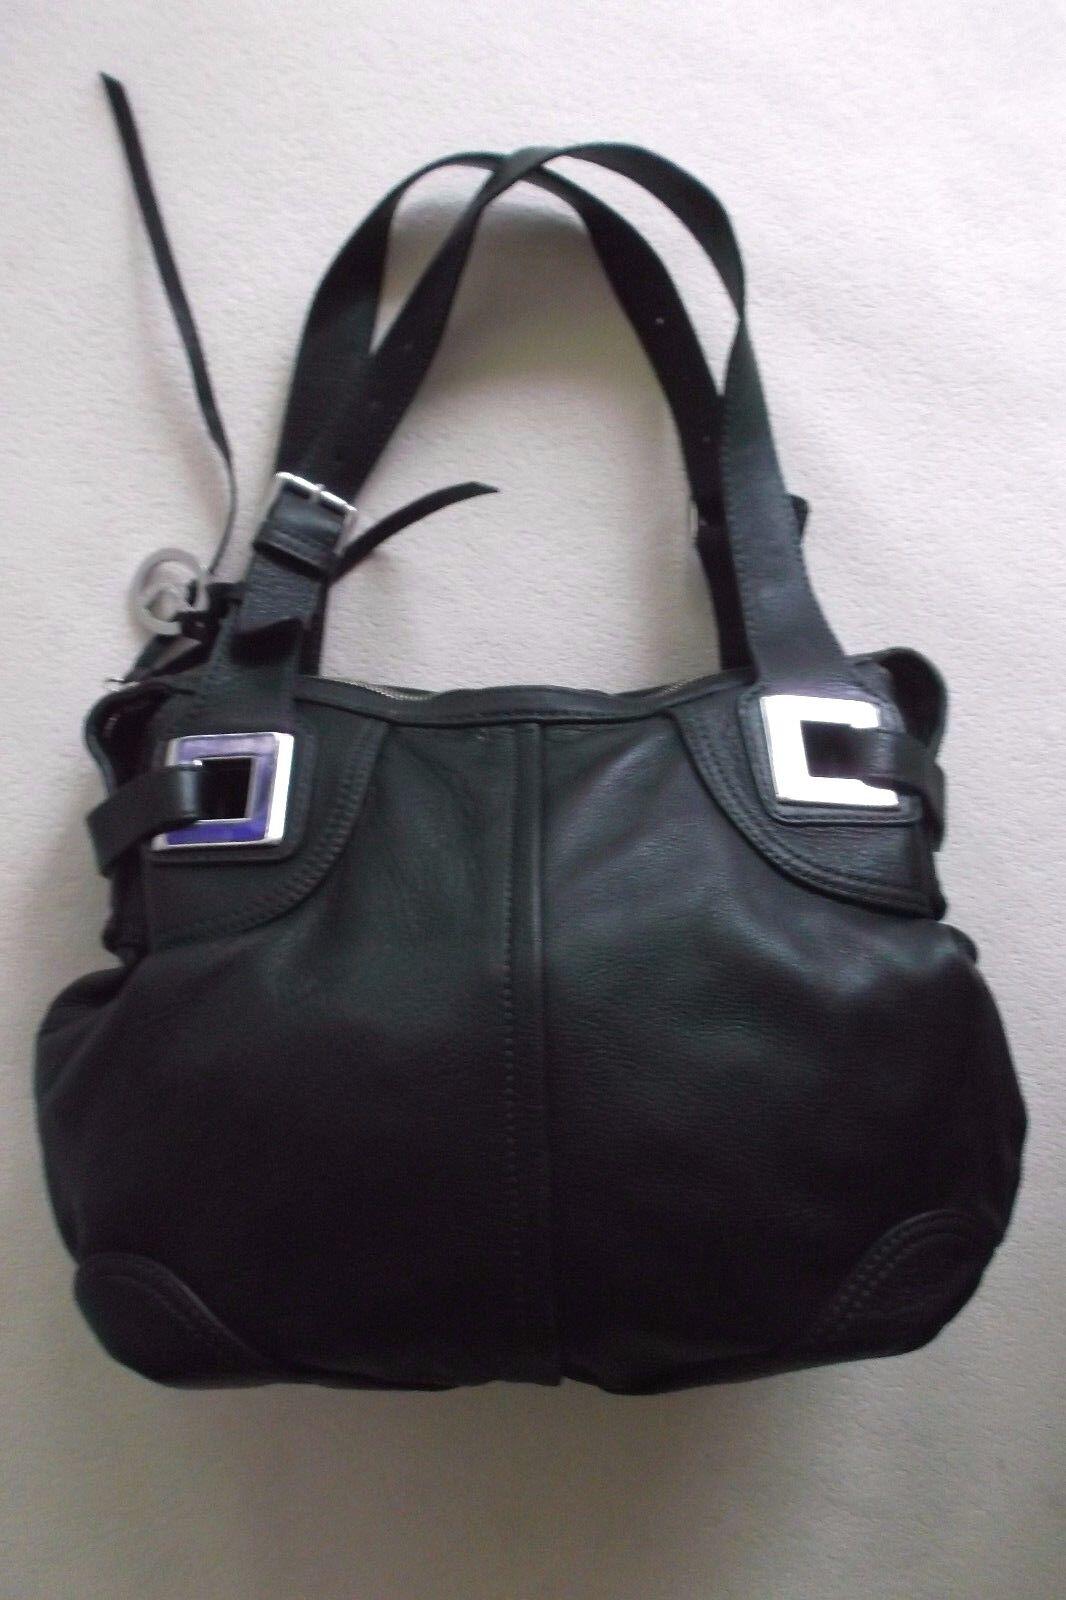 Damen Tasche Handtasche Leder Leder Leder schwarz L.Croti  Schultertasche | Wir haben von unseren Kunden Lob erhalten.  | Sale Outlet  | Zürich Online Shop  ab7533